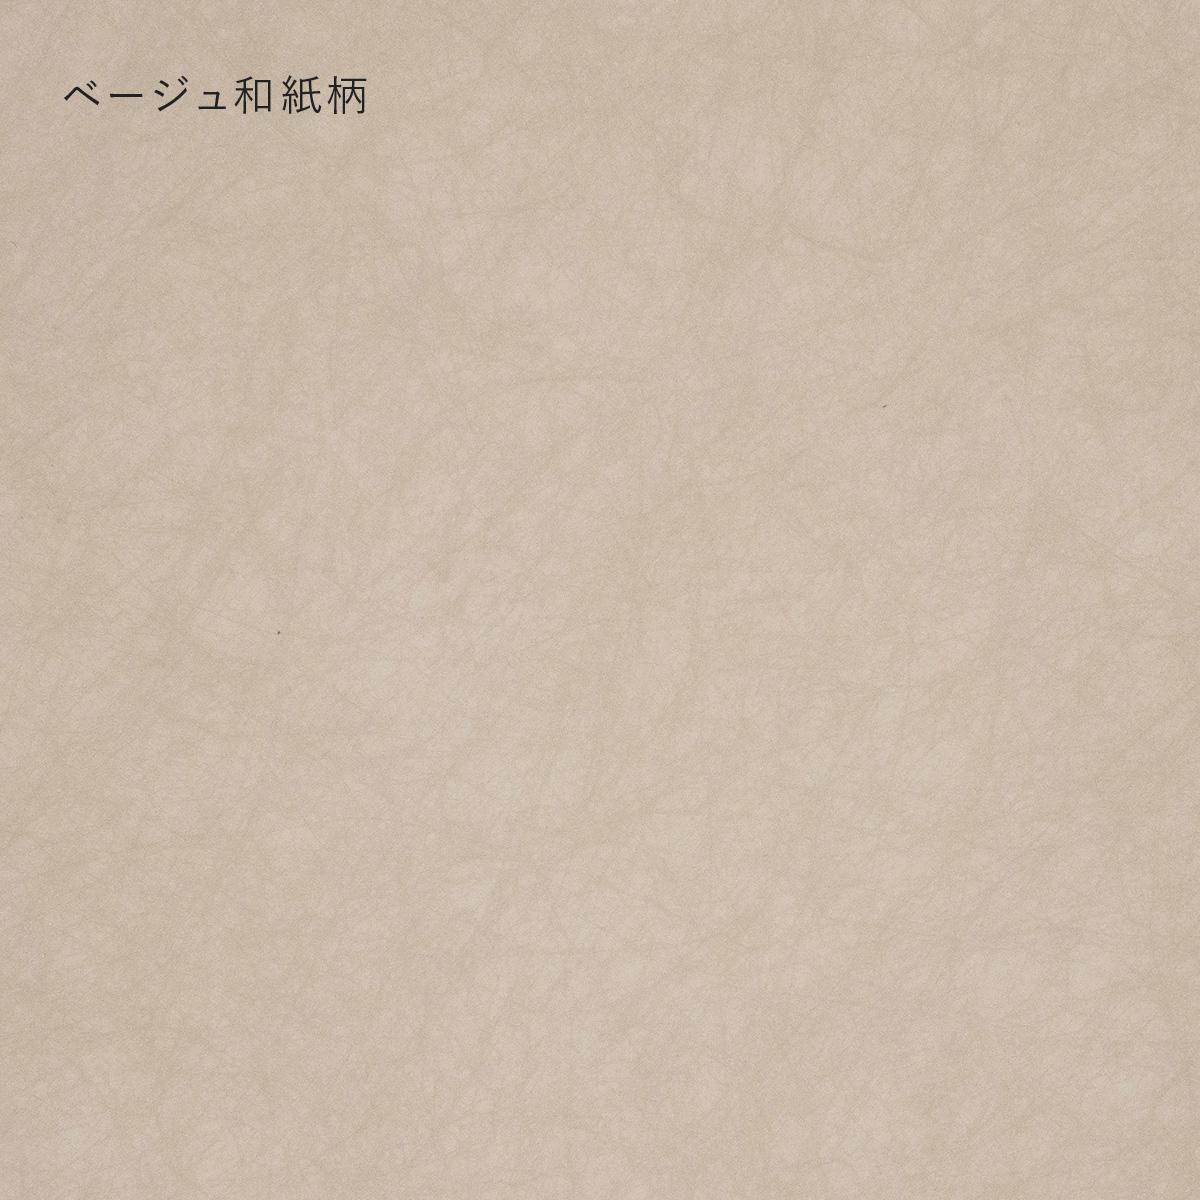 【V-TISS LIGHT】 スリム3連